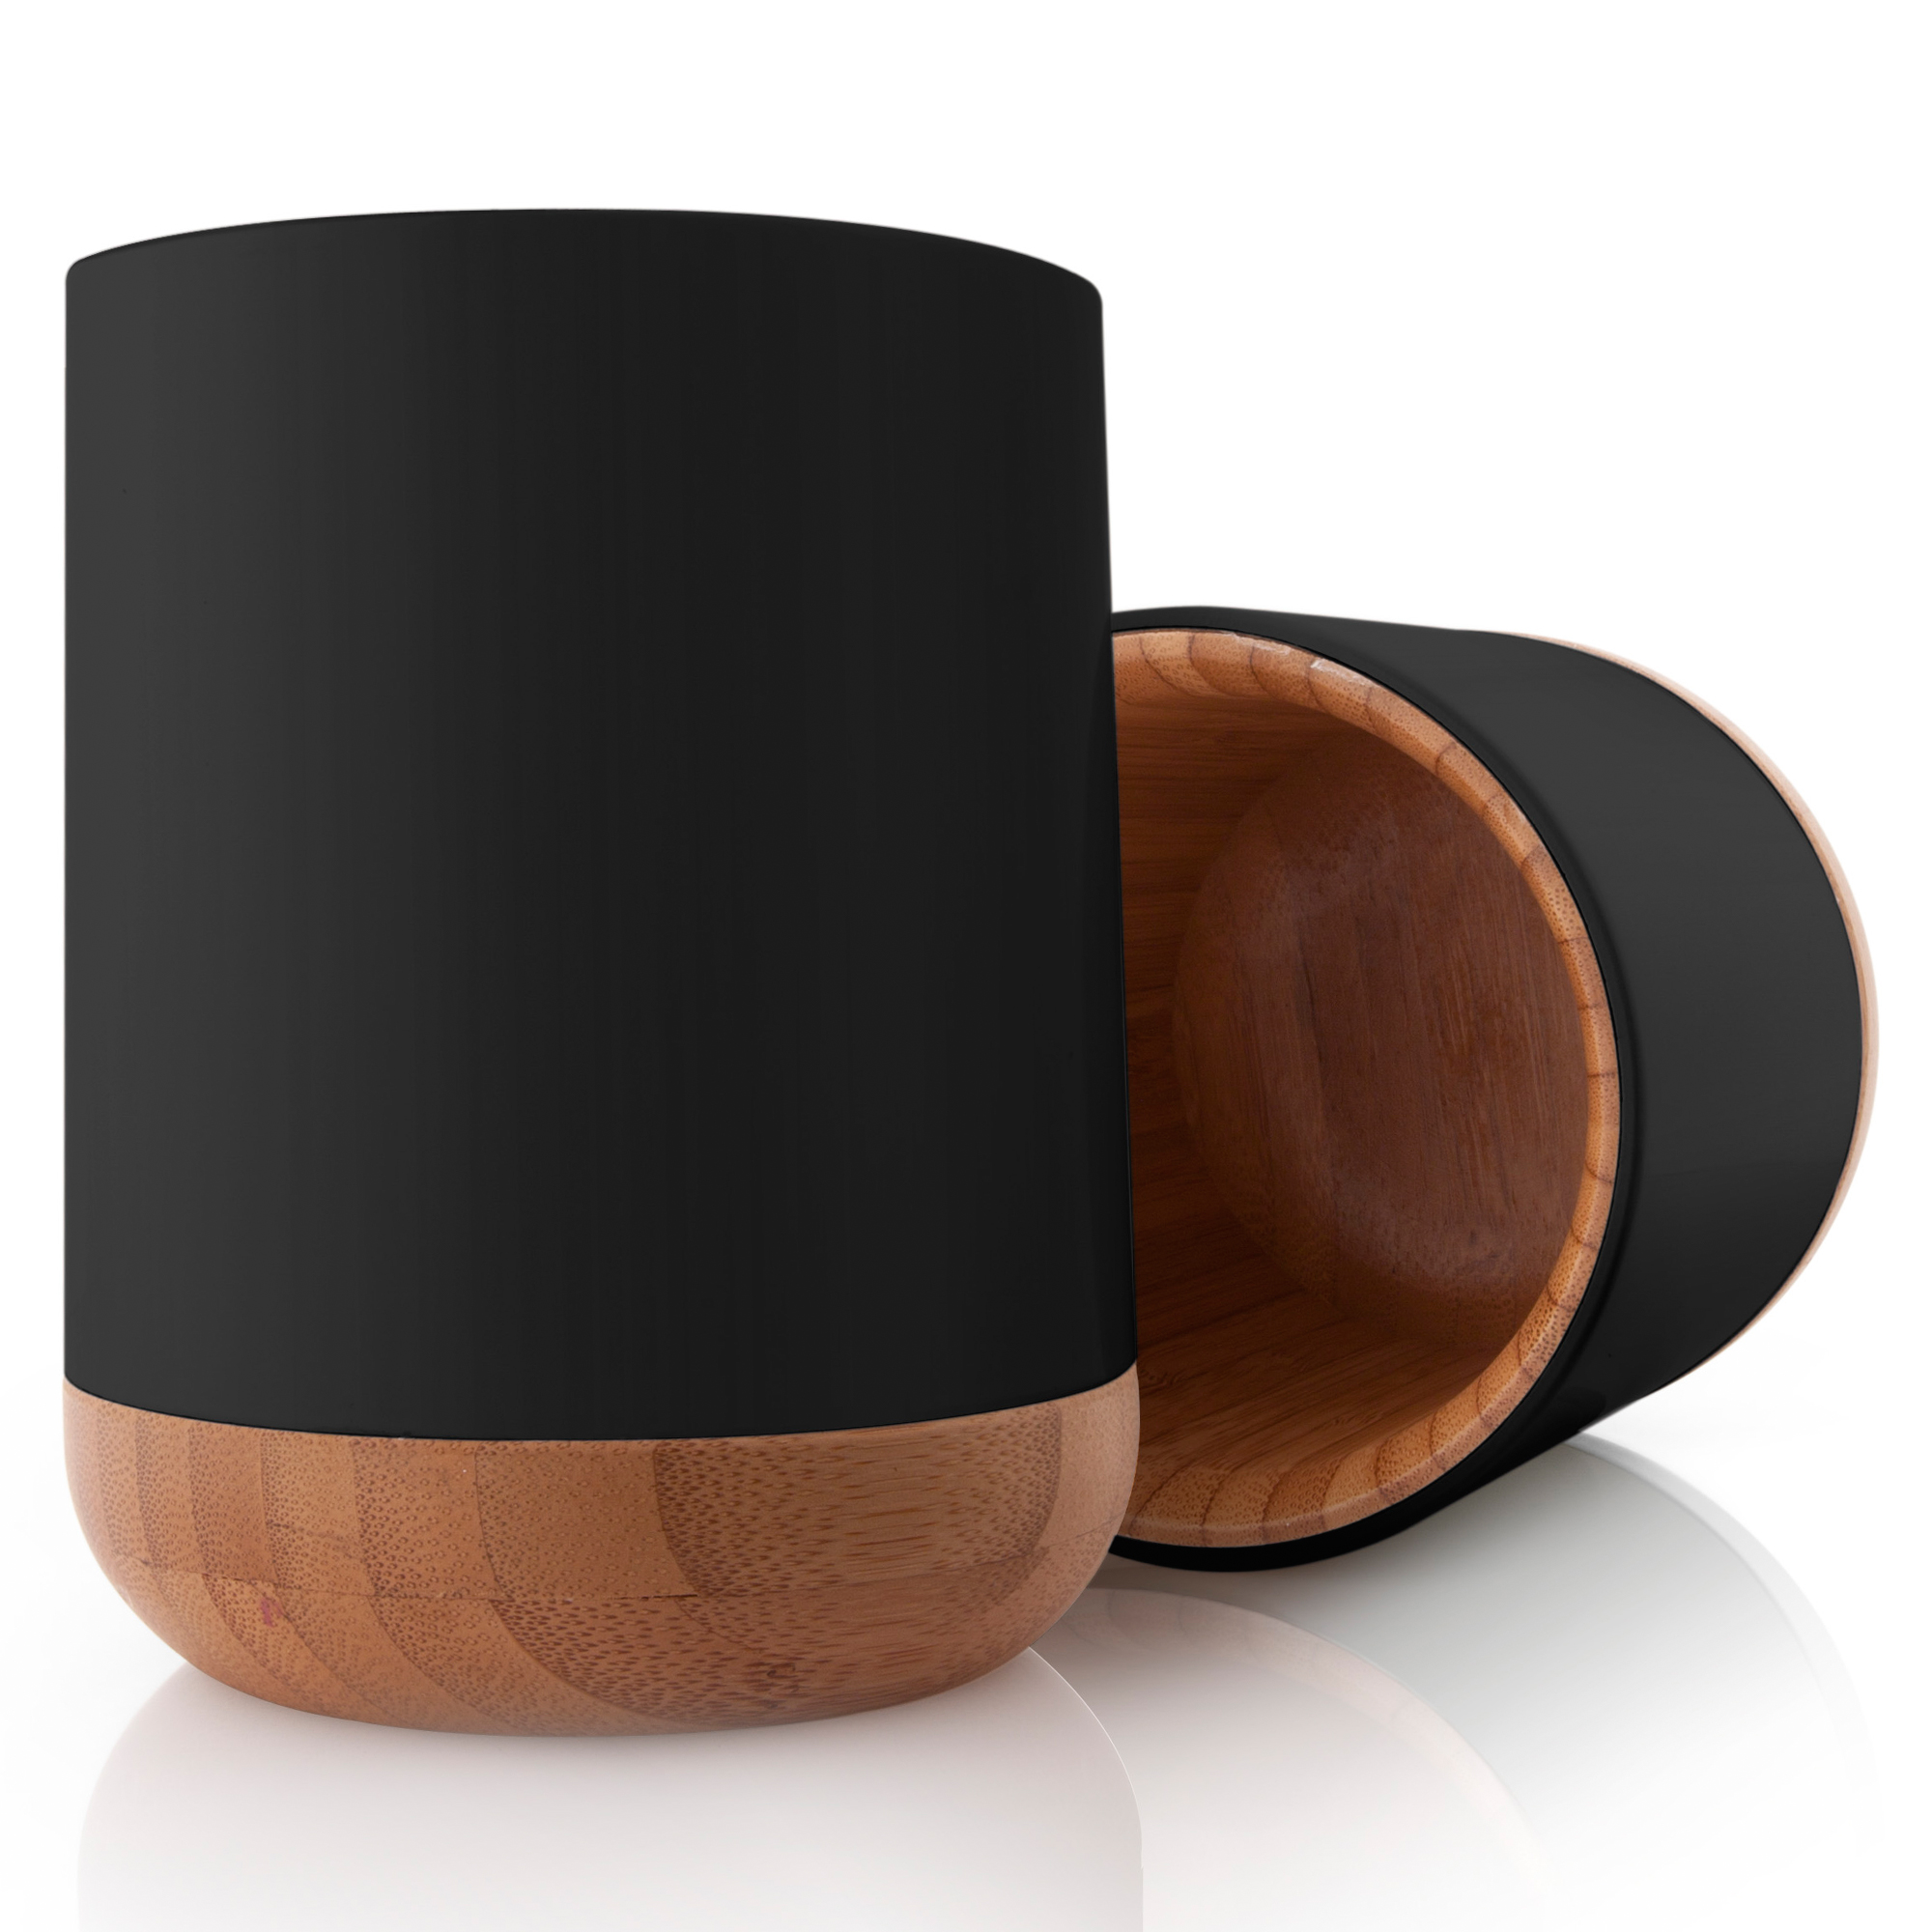 stiftebecher holz design aus italien. Black Bedroom Furniture Sets. Home Design Ideas